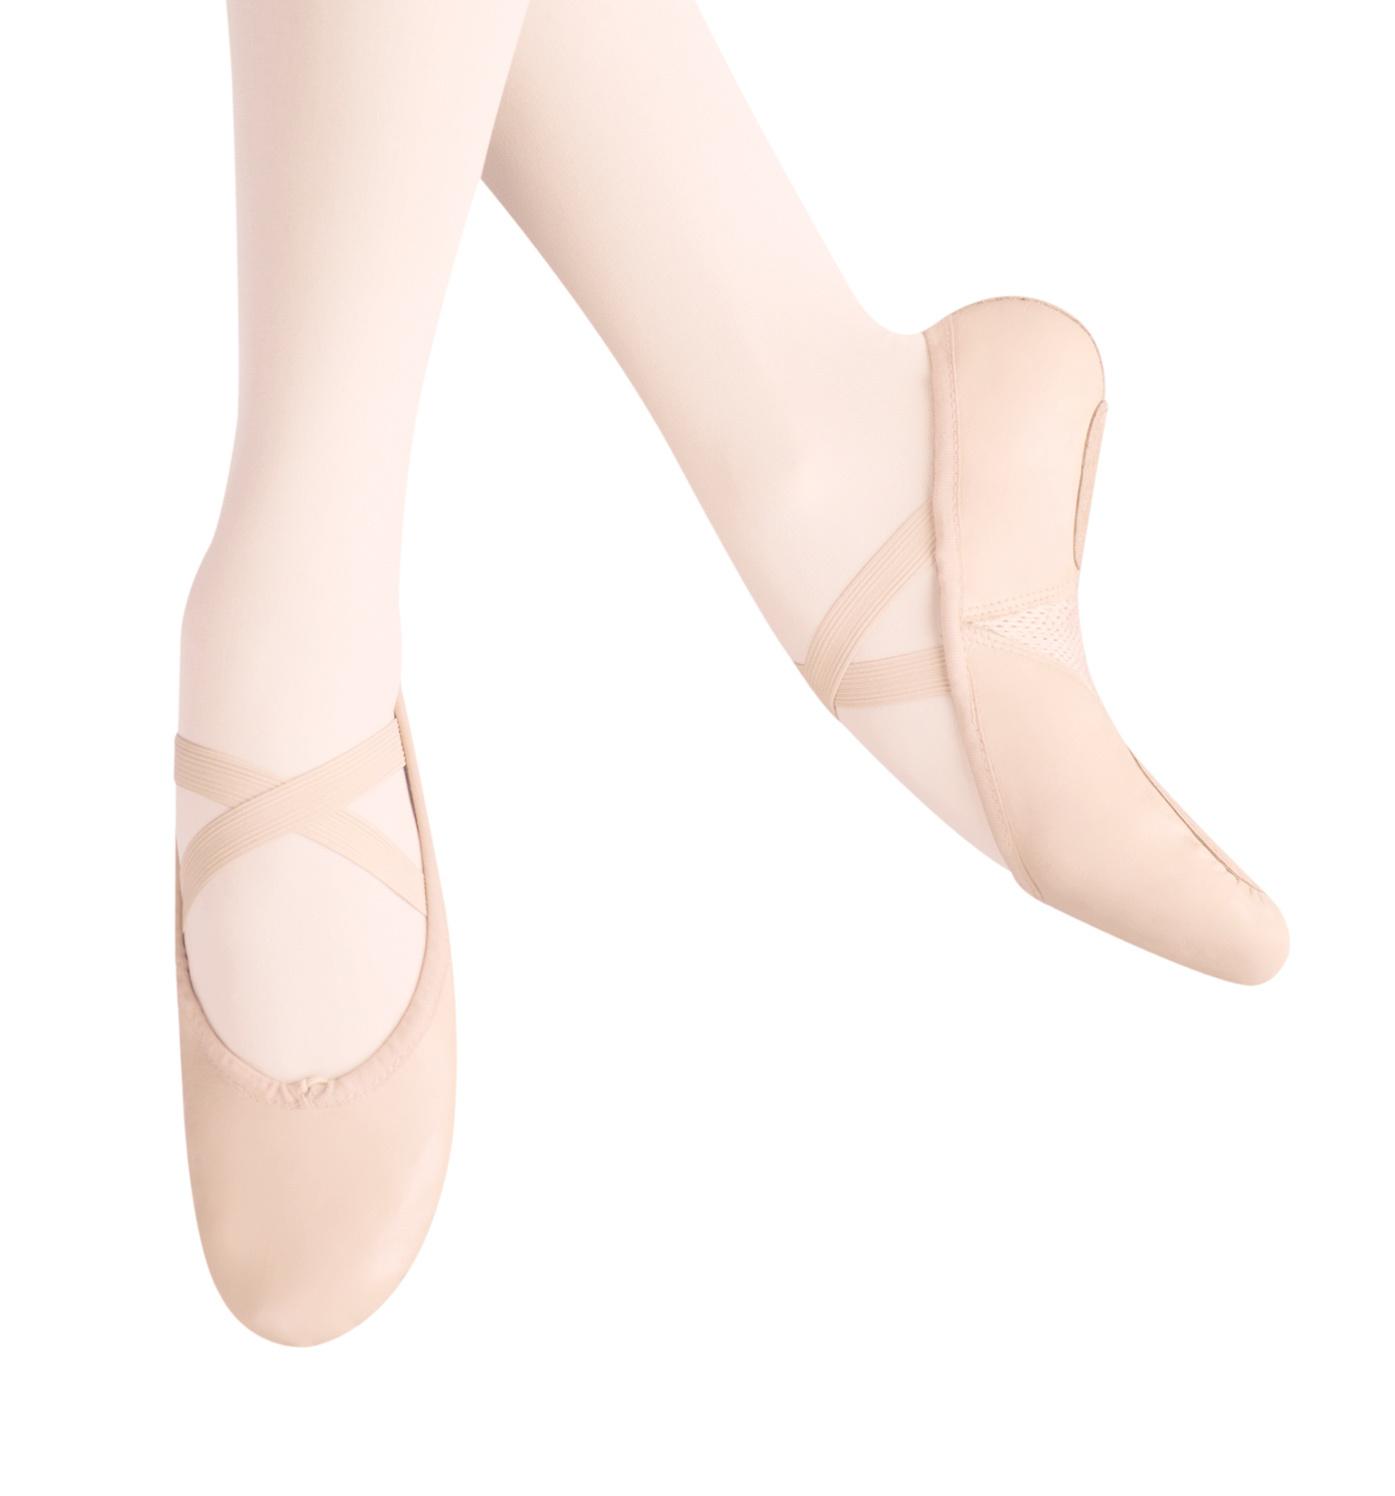 ARABESQUE LEATHER BALLET SLIPPERS (105)